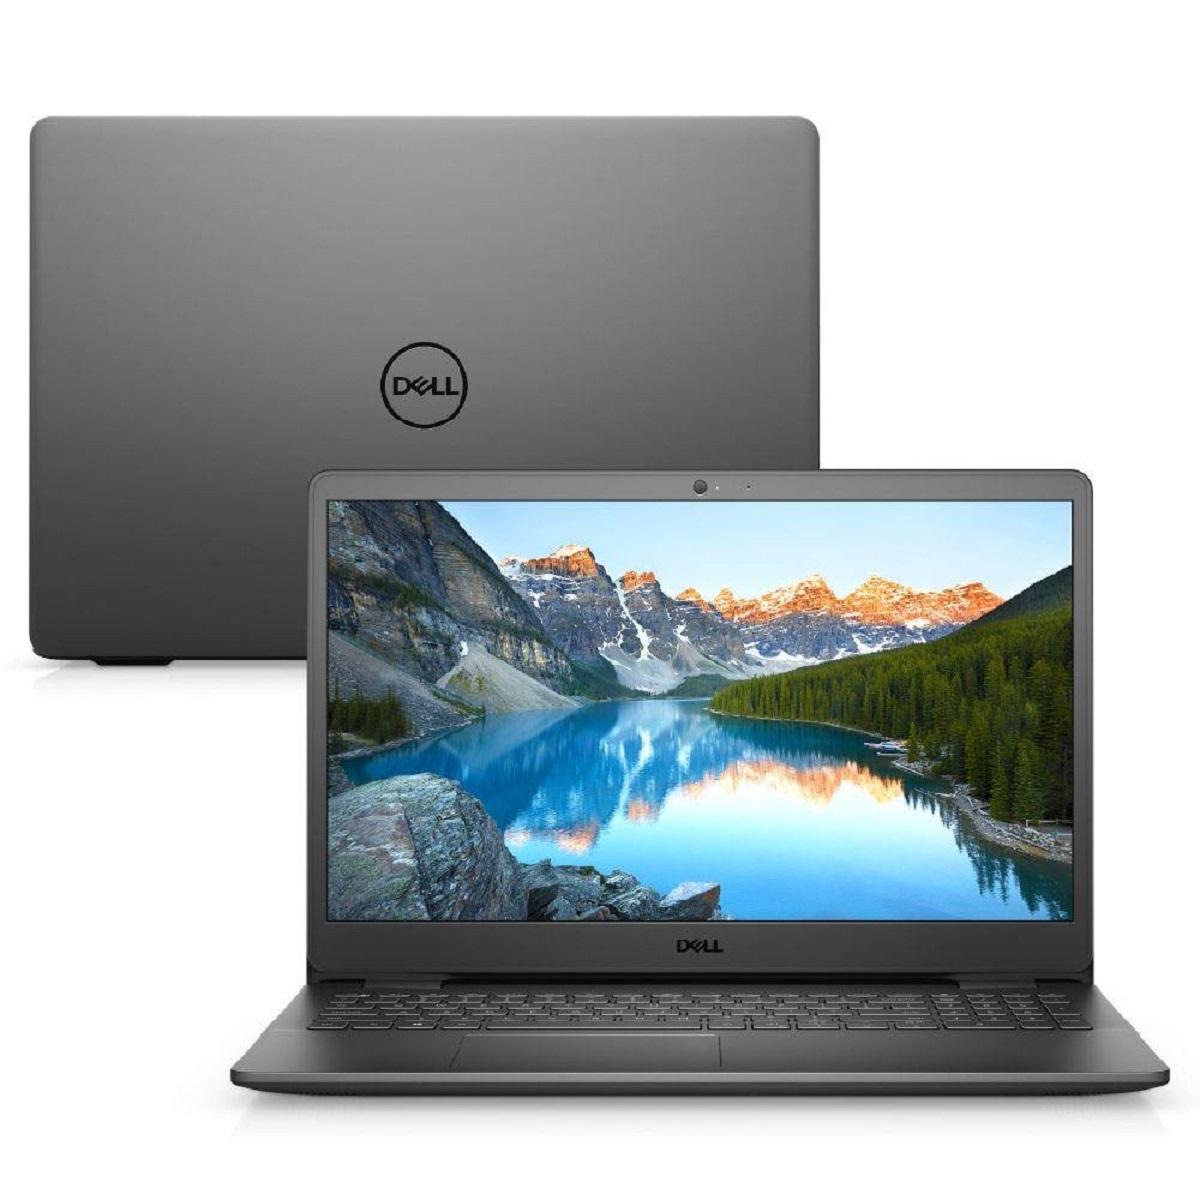 Imagem de Notebook i3 da marca Dell Inspiron i3501-M20P